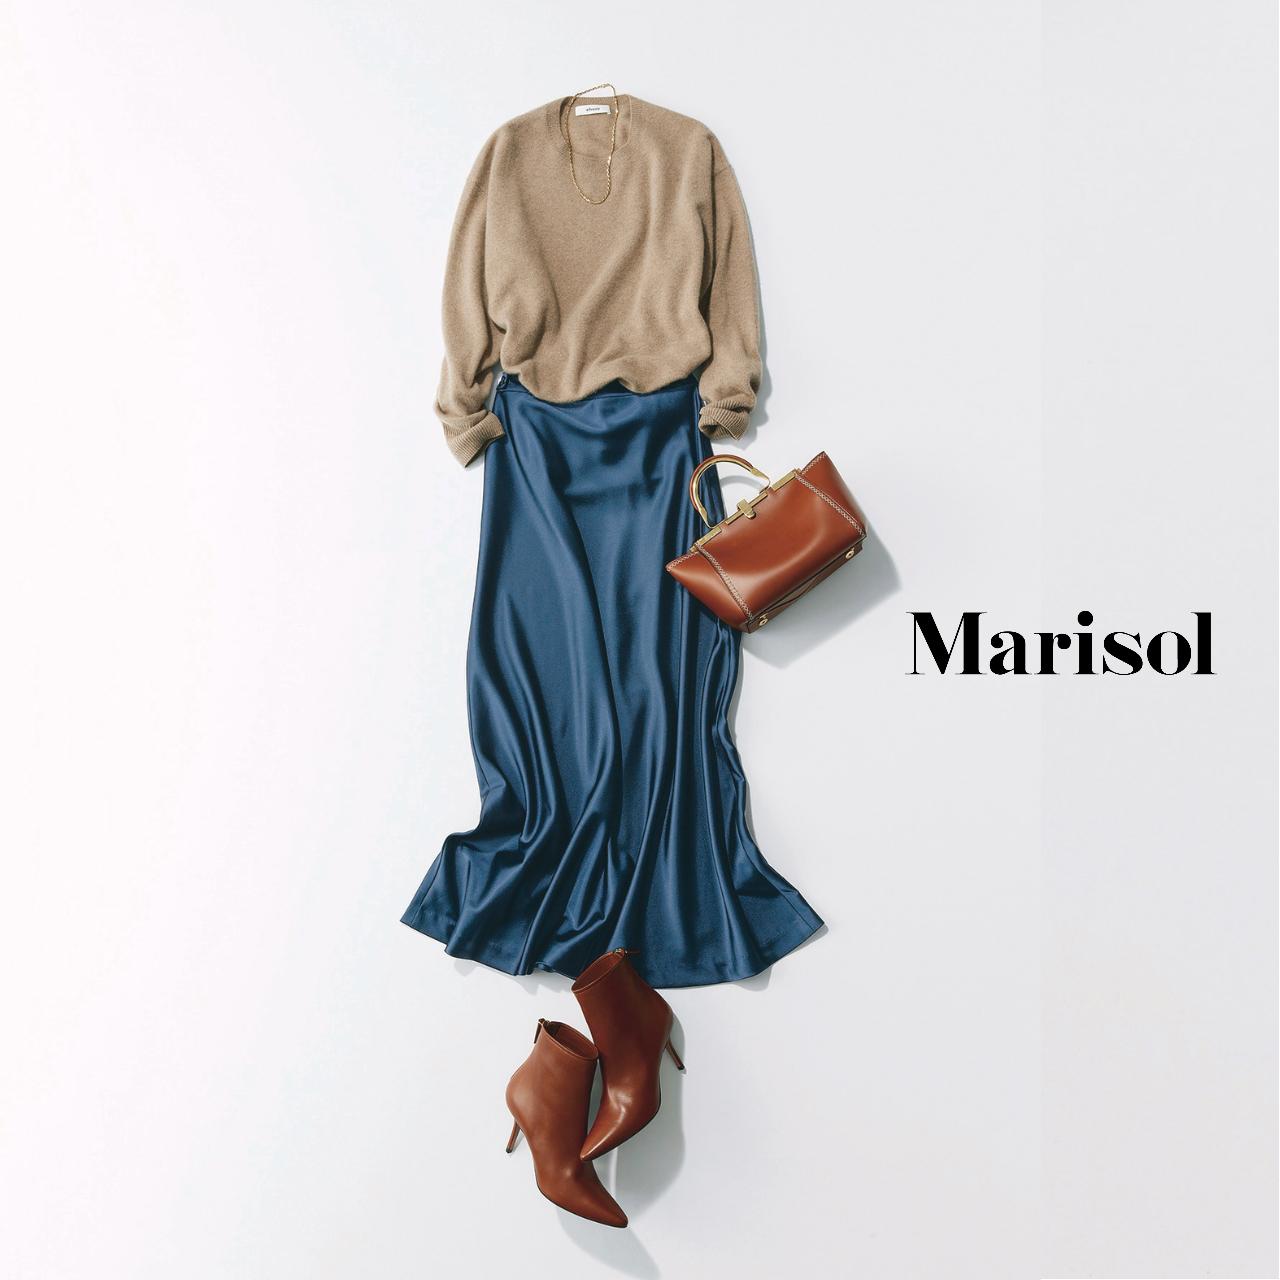 40代ファッション ニット×光沢スカートコーデ